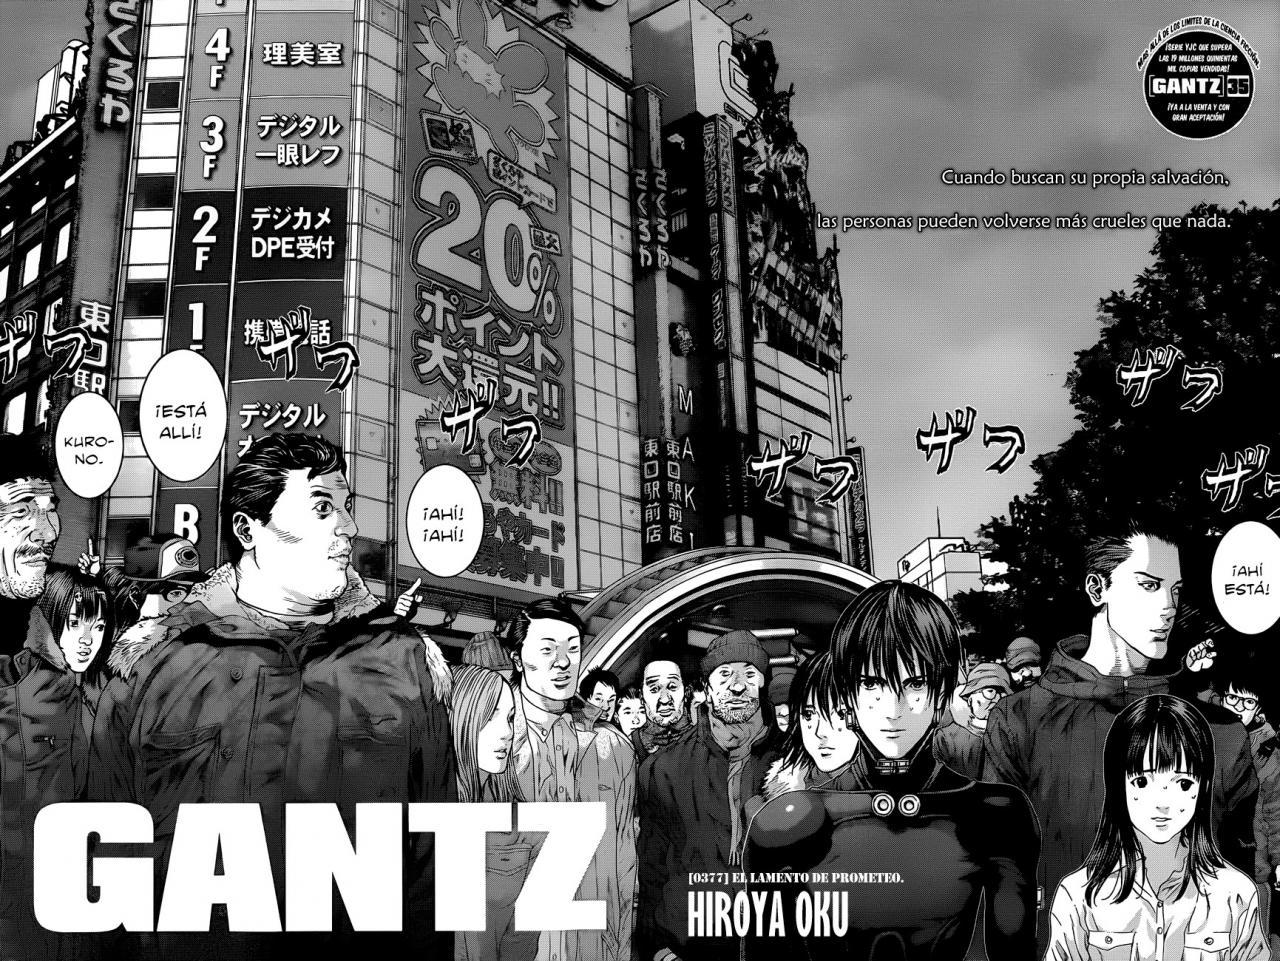 MANGA GANTZ CAPITULO 377 Gantz_c0377_-_p02-03_Utopia